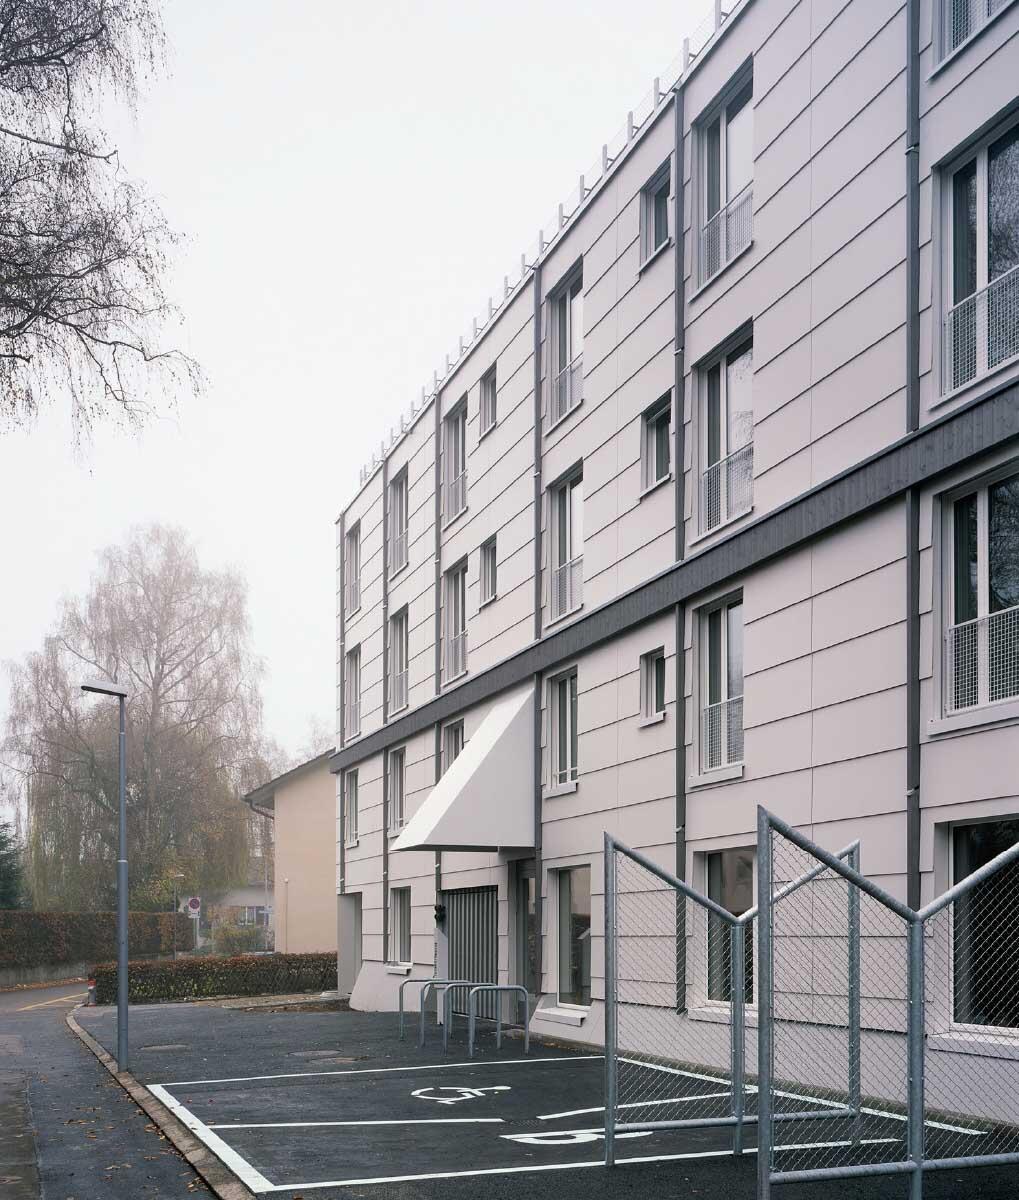 Ein Gesims und unregelmässig verteilte Lisenen auf der hellen Eternitfassade sorgen für Rhythmus, Massstab und Ordnung. Bild: Hélène Binet